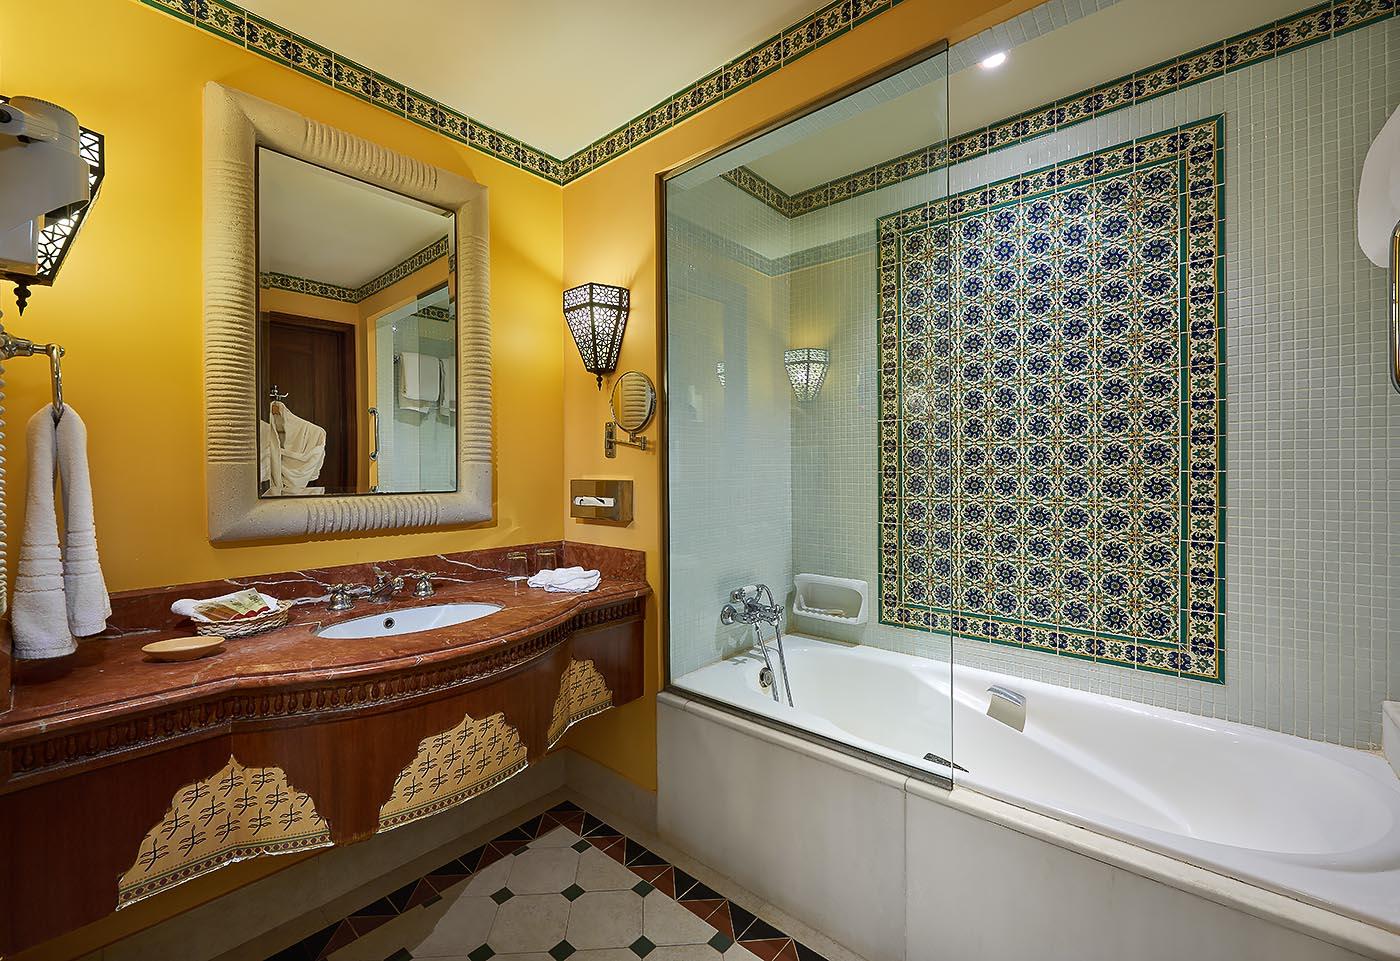 Sofitel Taba beach resort junior suite bathroom